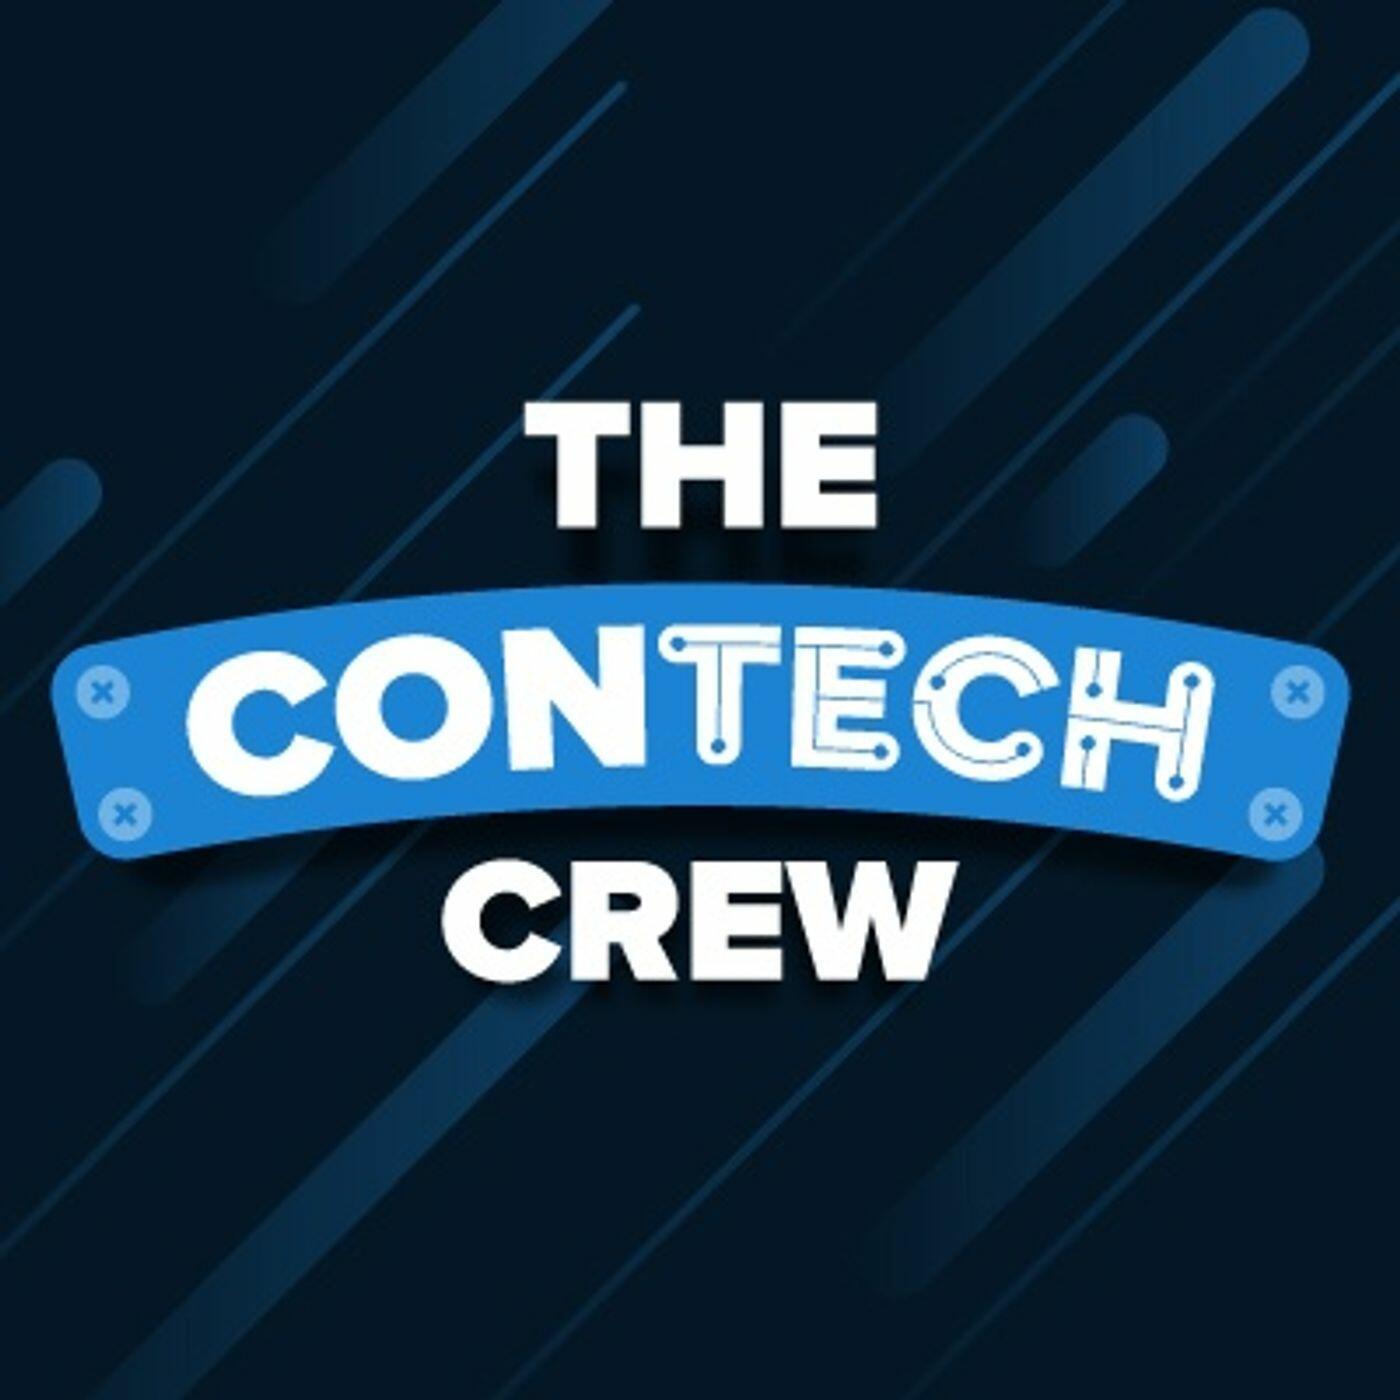 Listen to the ConTechTrio - Talking Construction Tech Episode - The